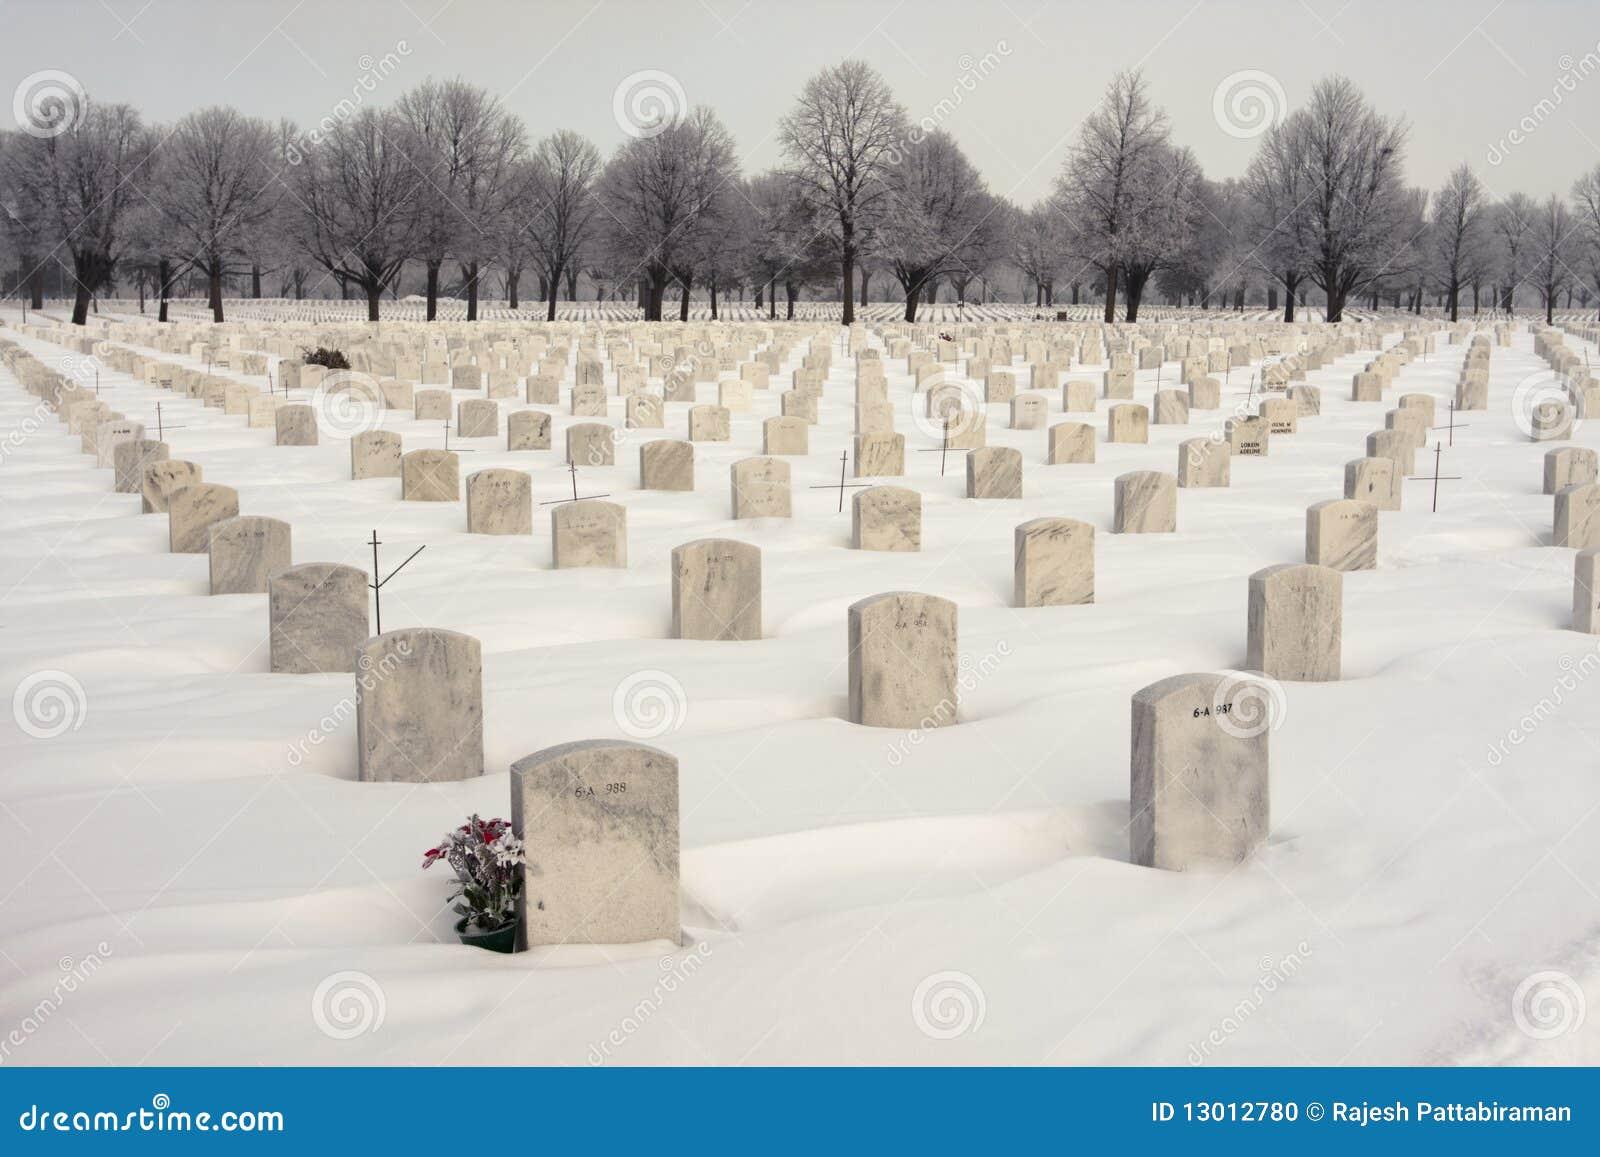 National WW2 Cemetery